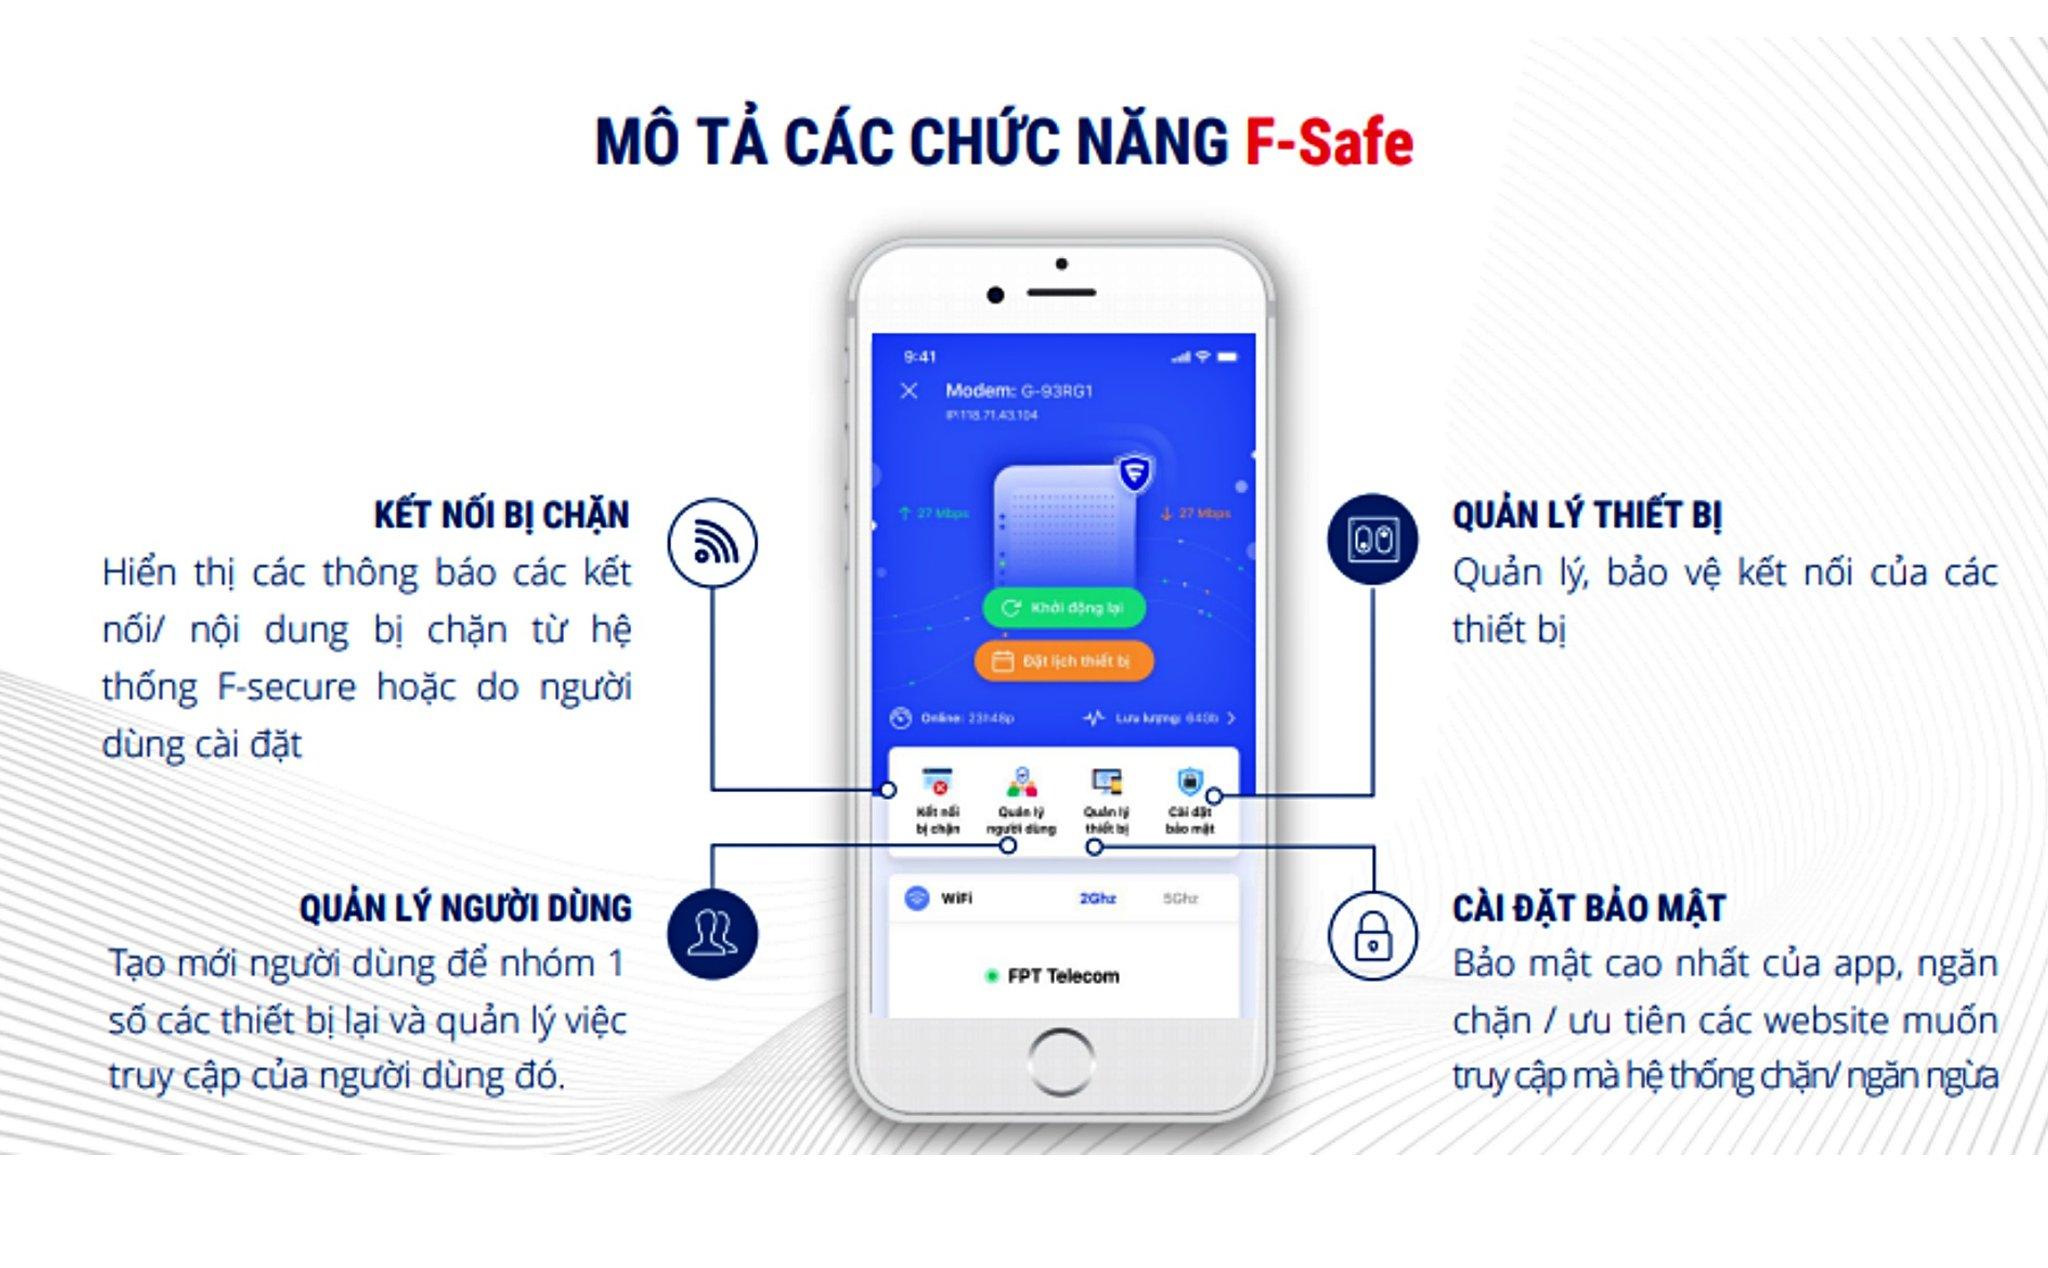 Bốn tính năng quản lý của F-Safe gồm: Xem kết nối bị chặn, quản lý người dùng, quản lý thiết bị, cài đặt bảo mật